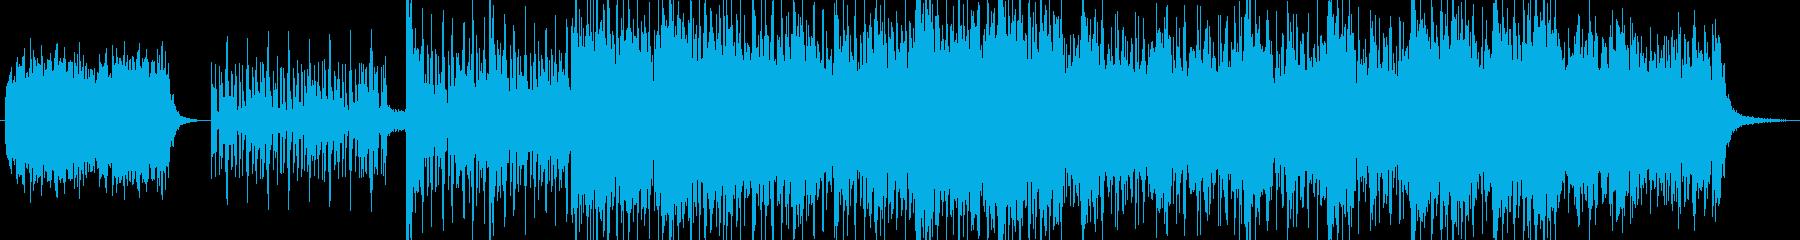 ドラムを中心としたリズム&エレクトロニカの再生済みの波形